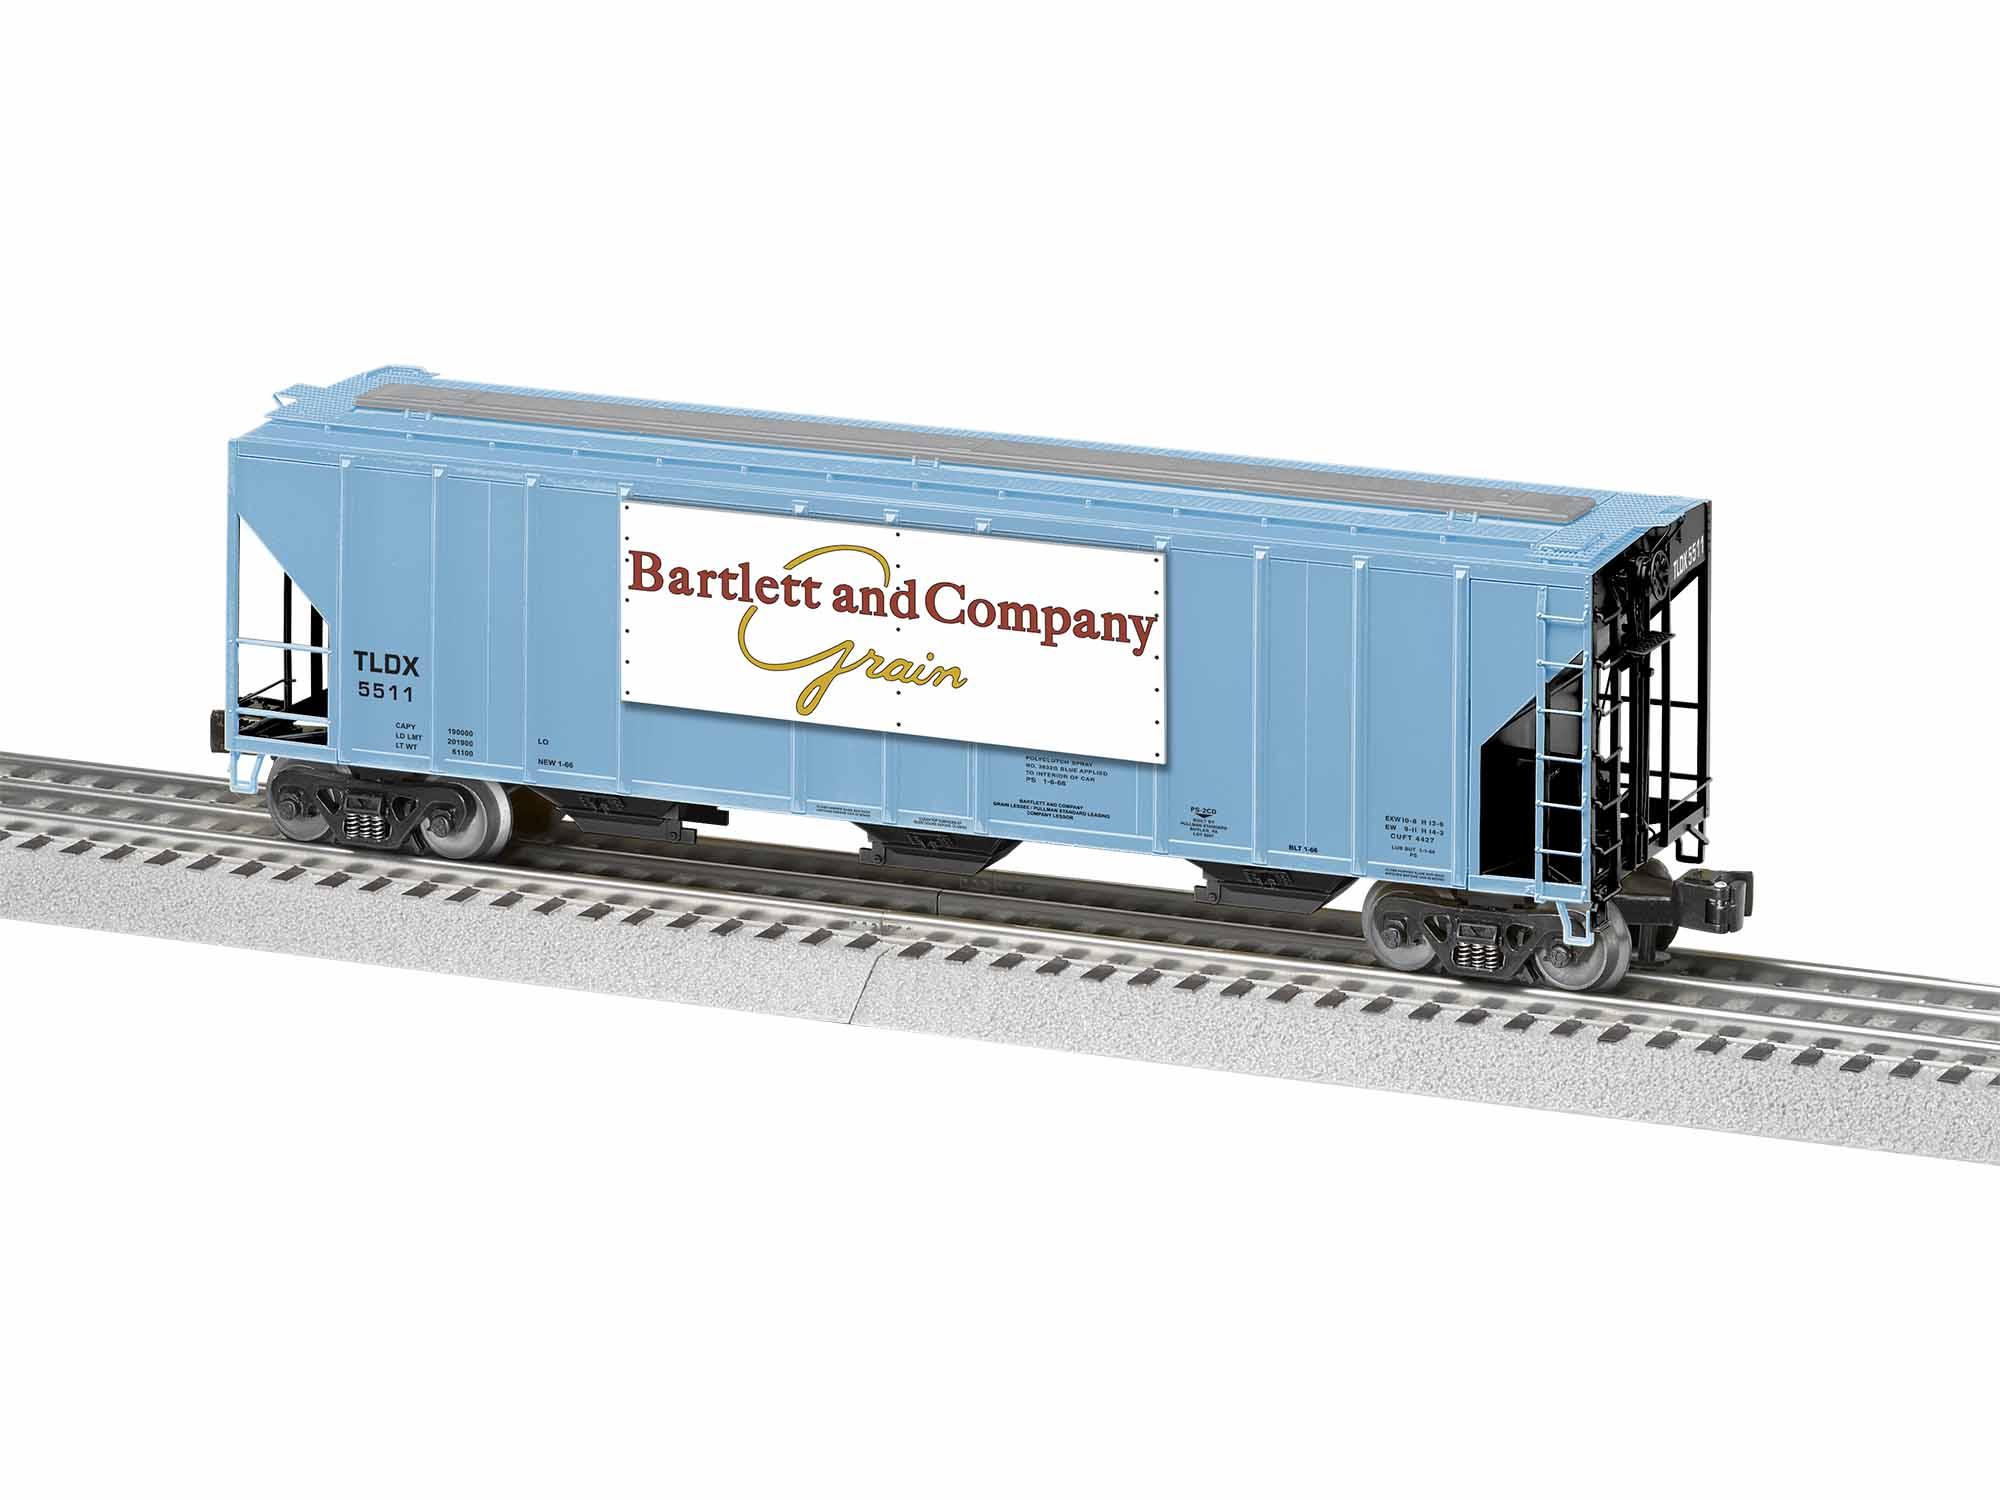 LNL1926502 Lionel O PS-2CD 4427 Covered Hopper, Bartlett Grain #5511